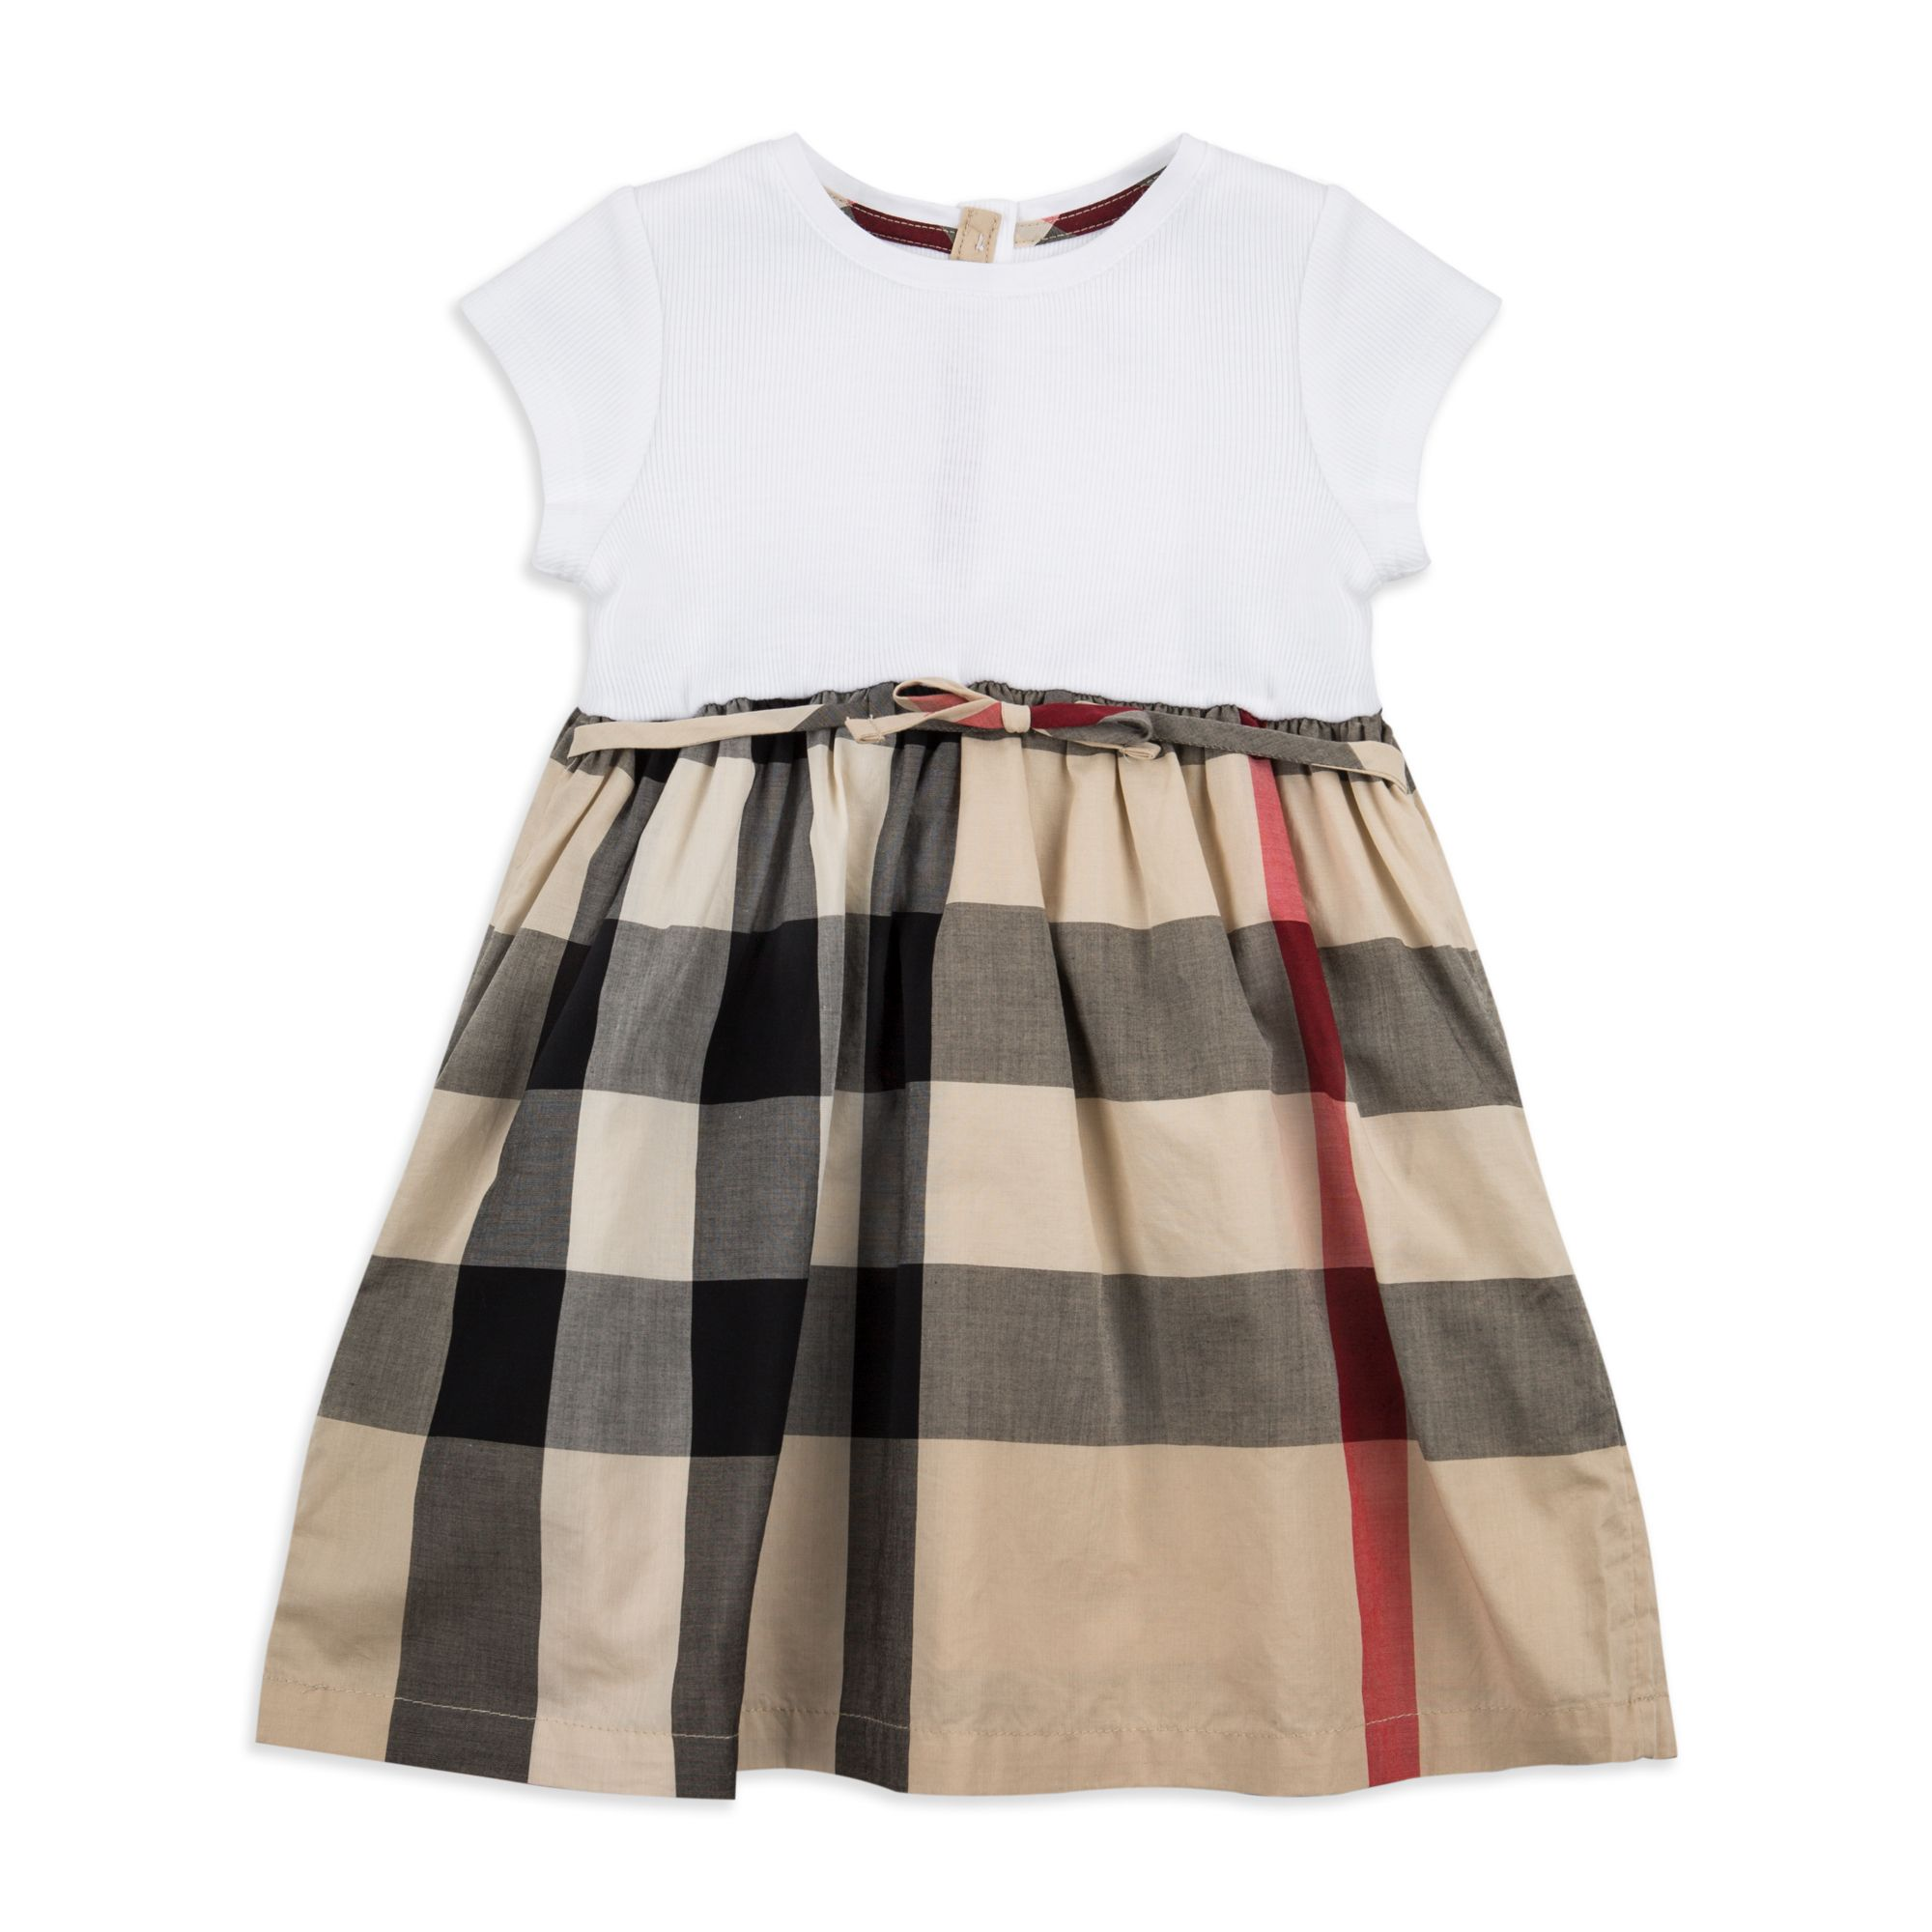 97868d594a45c Burberry - Baby  Mini Rosey  T-Shirt Dress - Beige - Baby girls t-shirt  dress